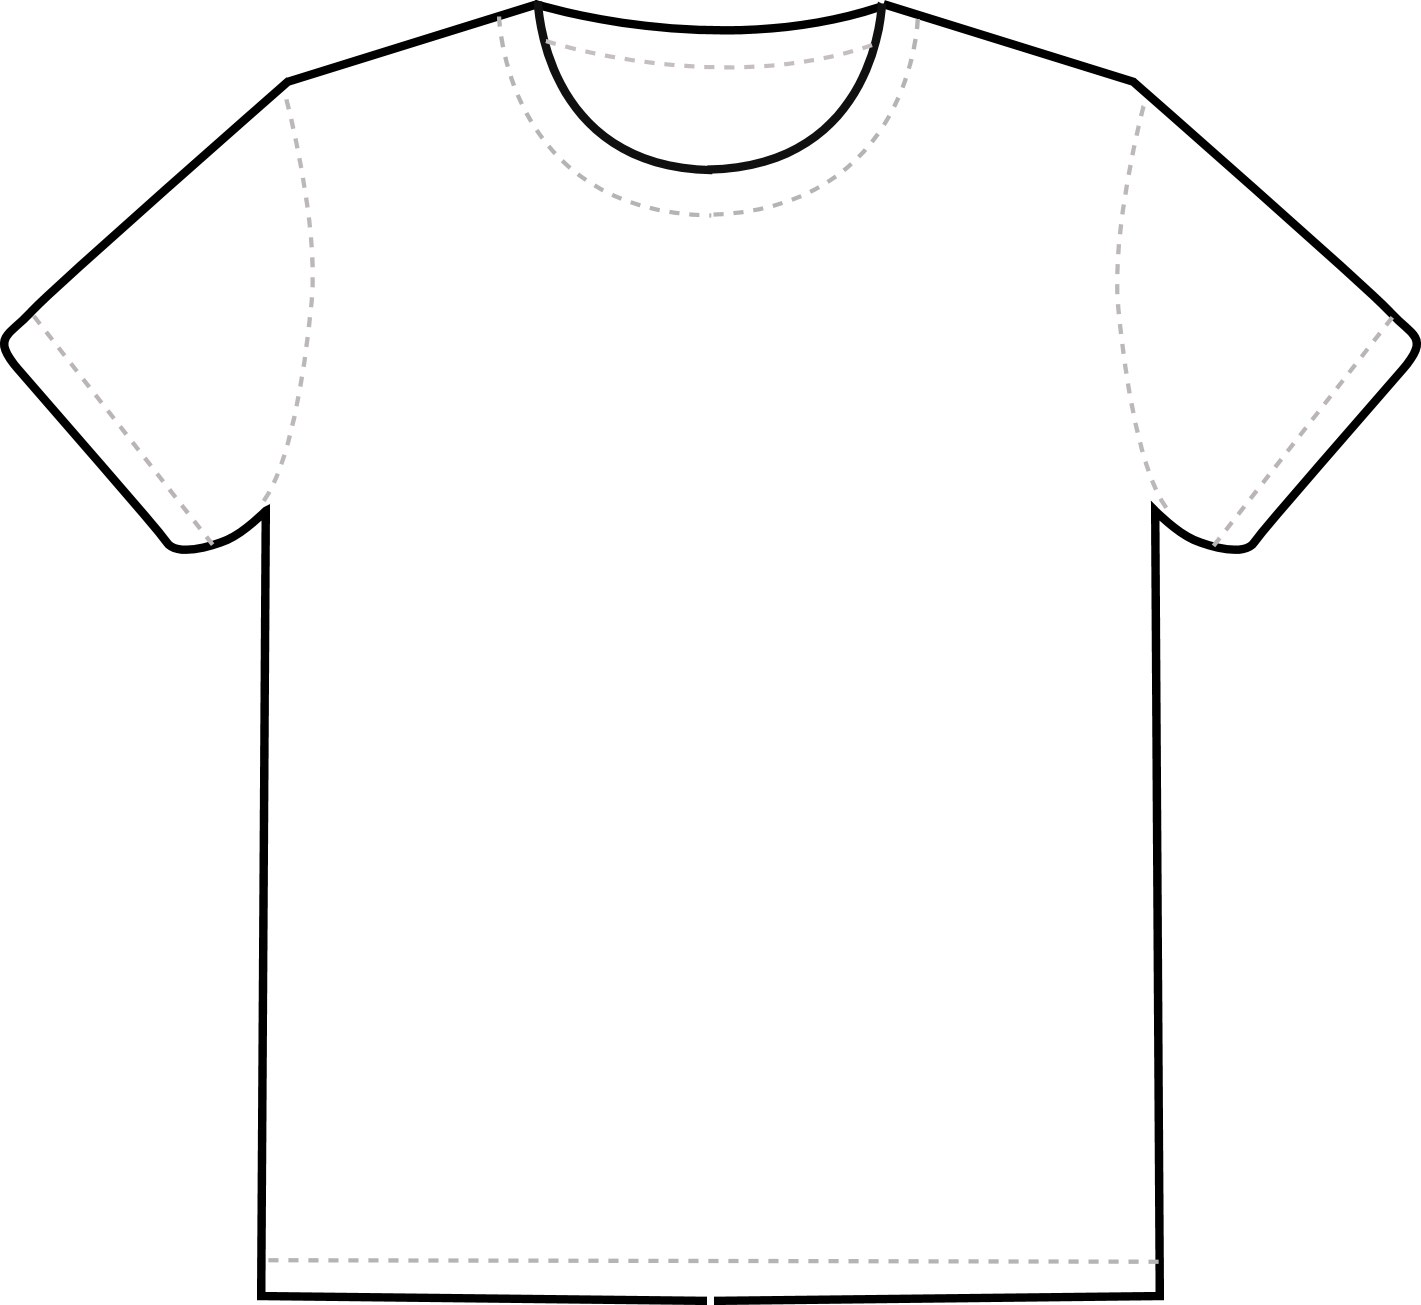 1421x1305 Blank T Shirt Template Clip Art Clipart